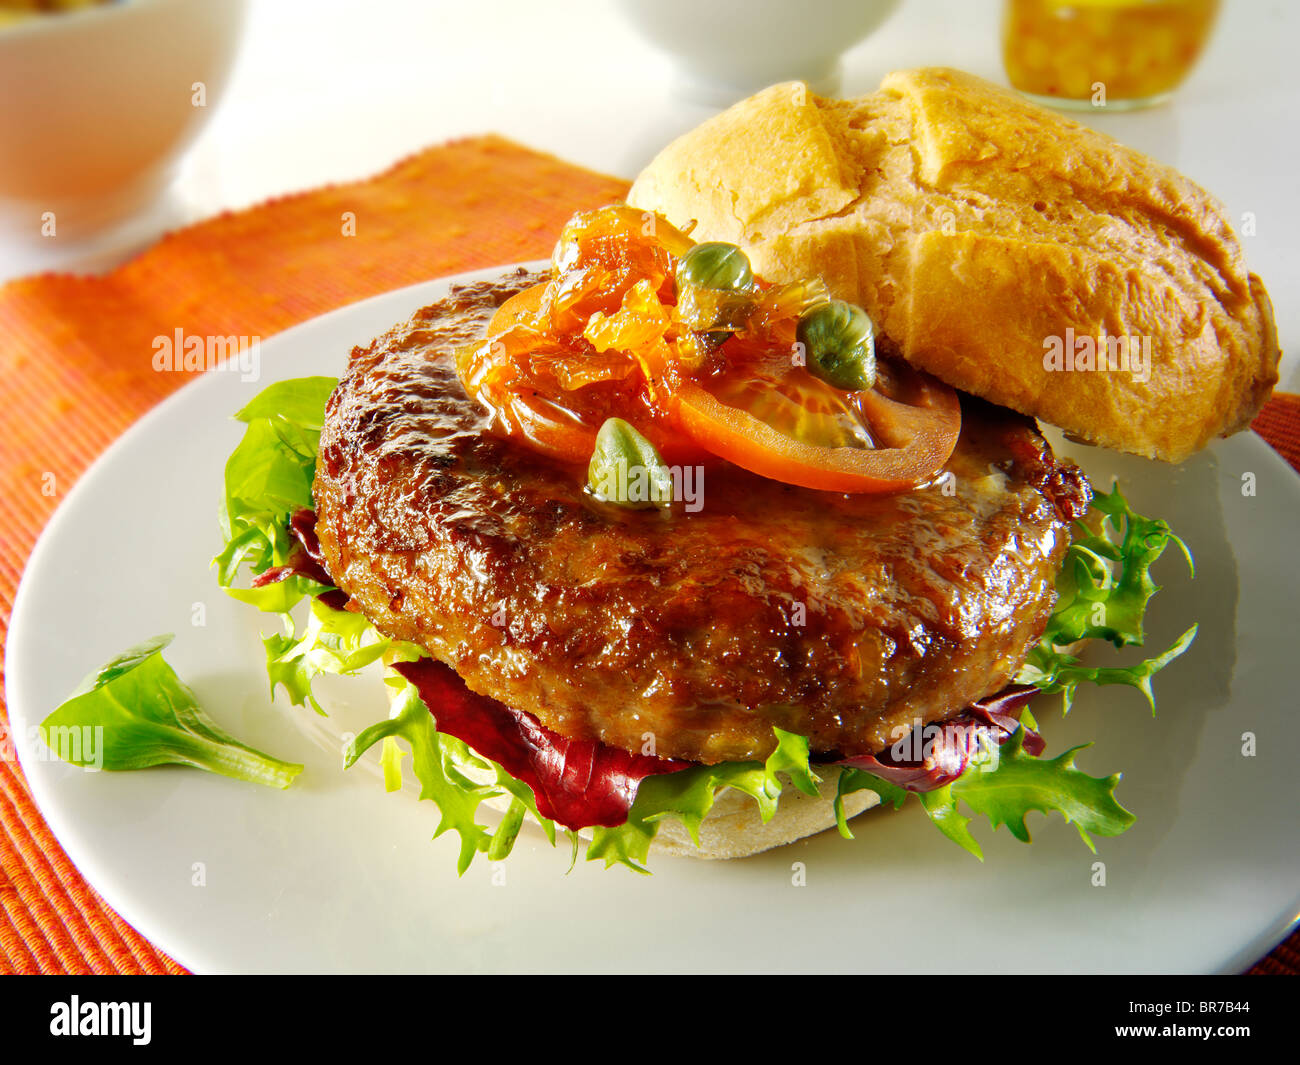 Rindfleisch-Burger in einem Brot-Brötchen mit Salat & garnieren Stockbild